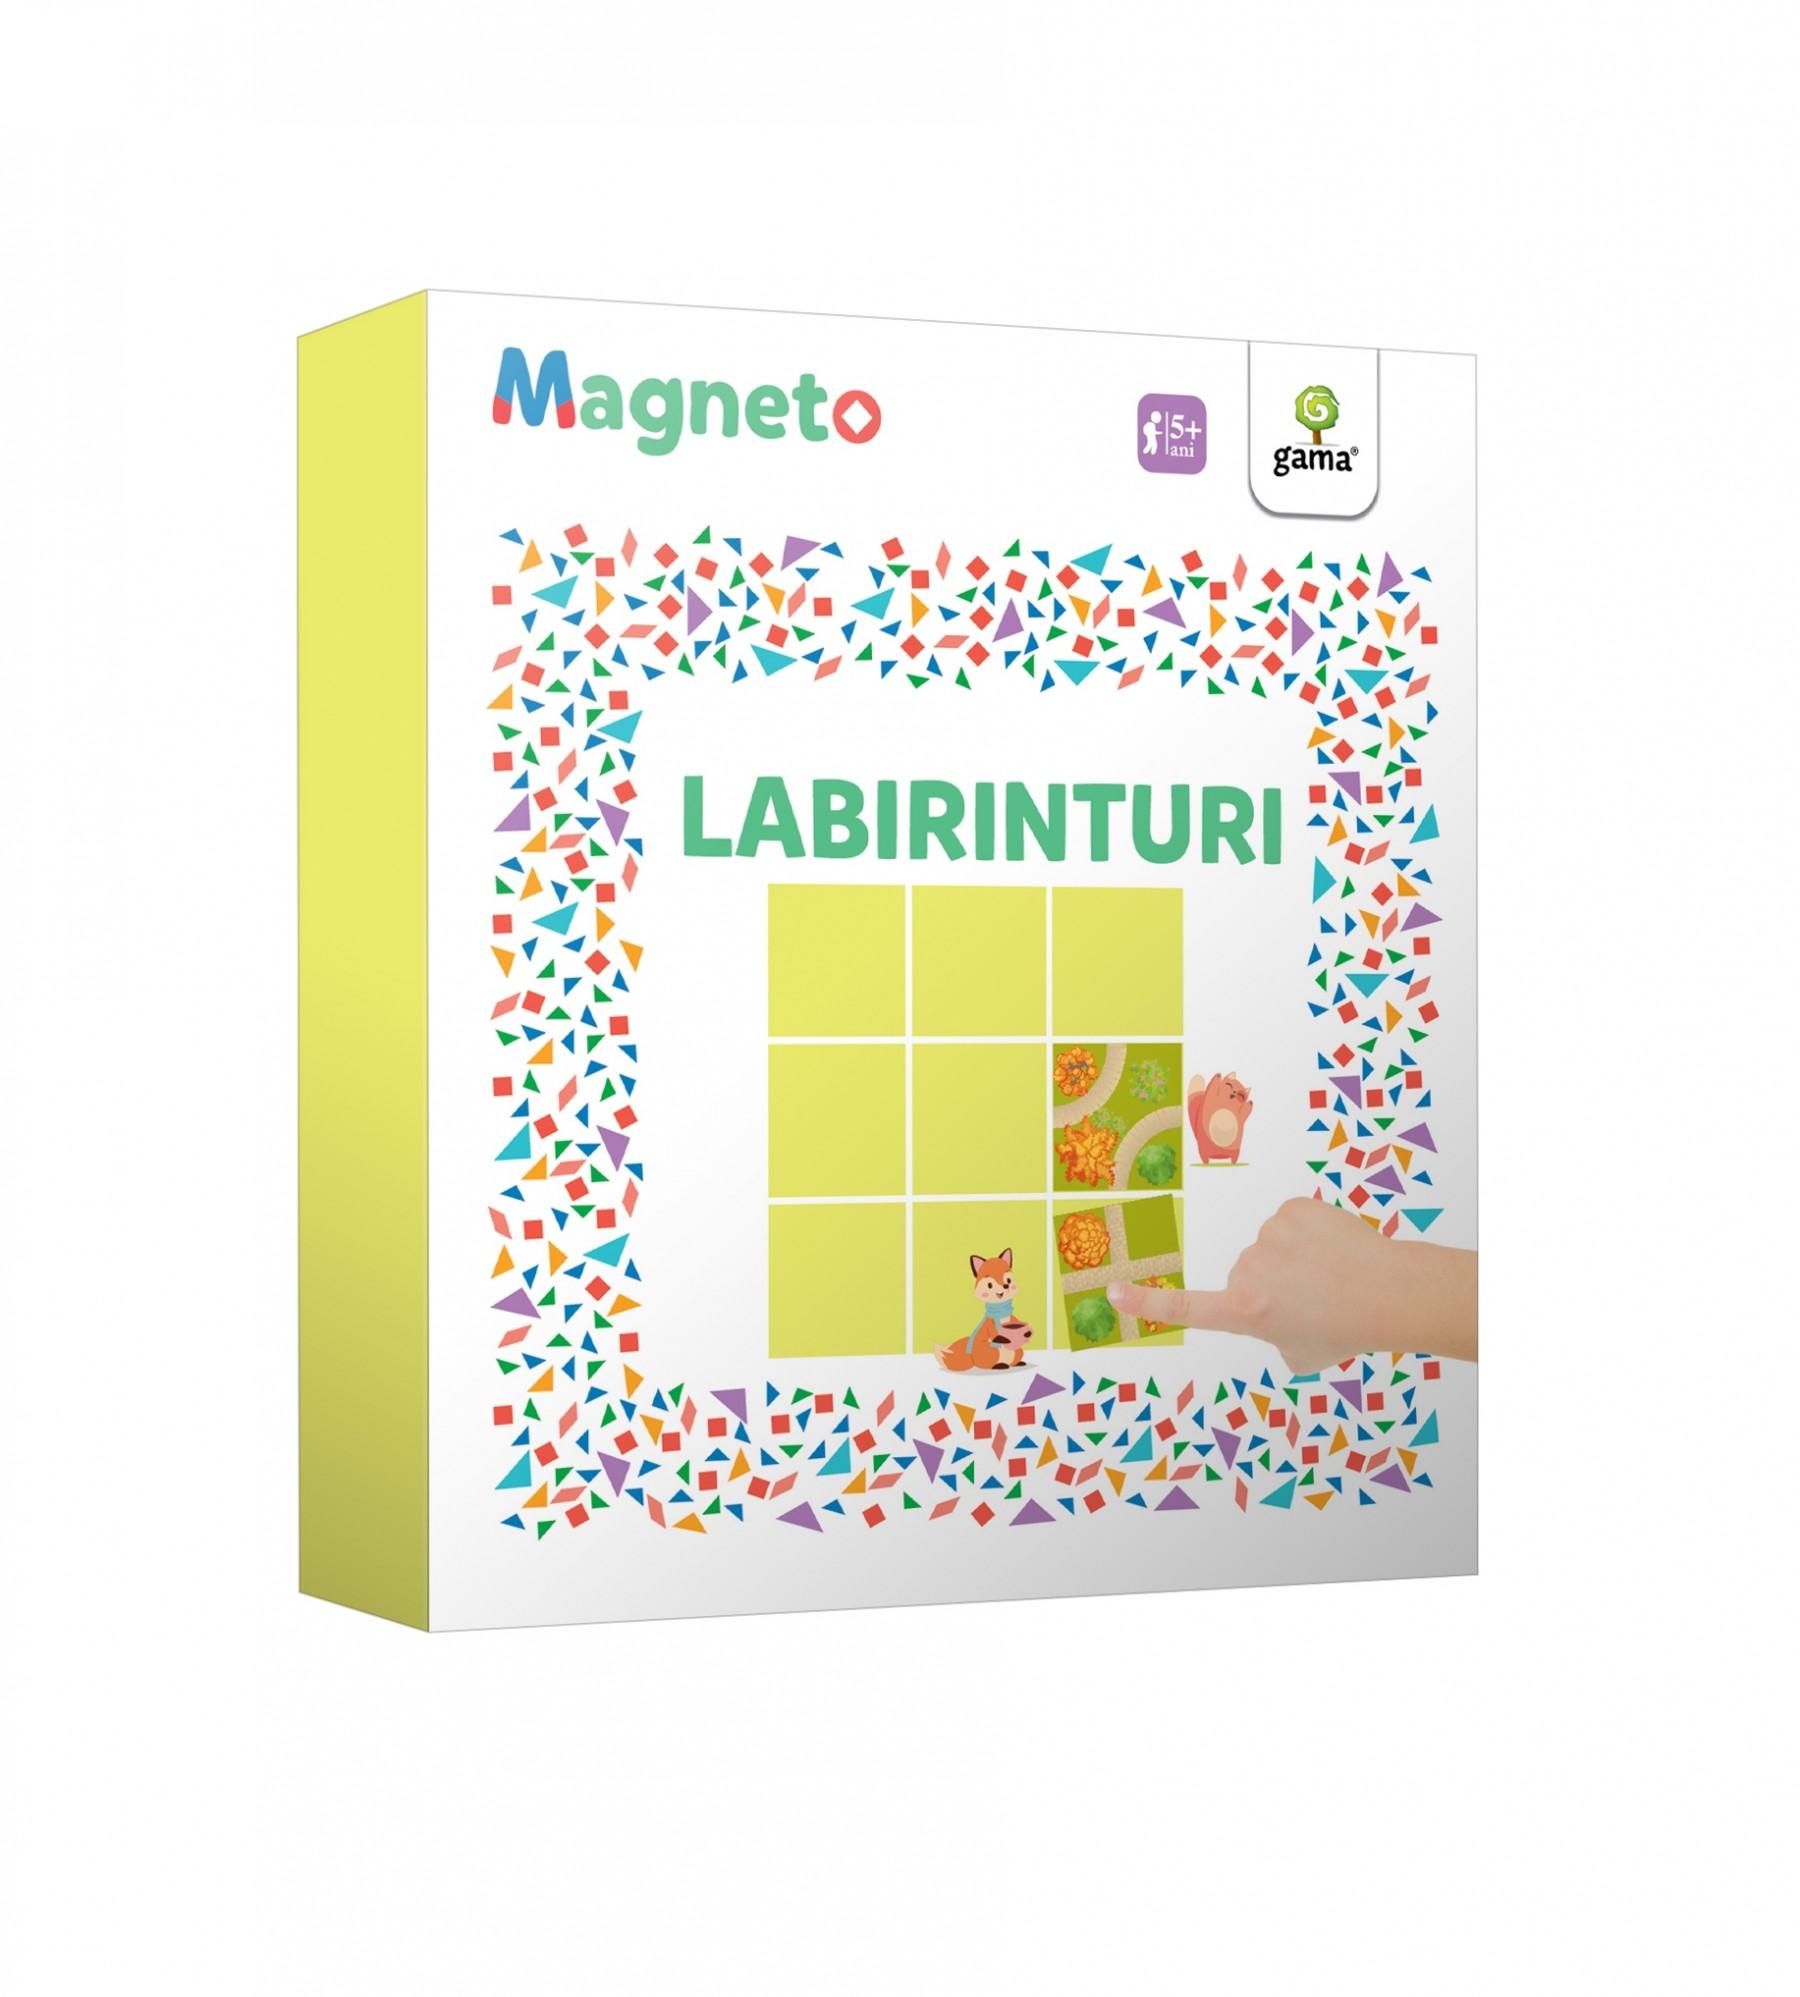 cutie_magneto_labirinturi